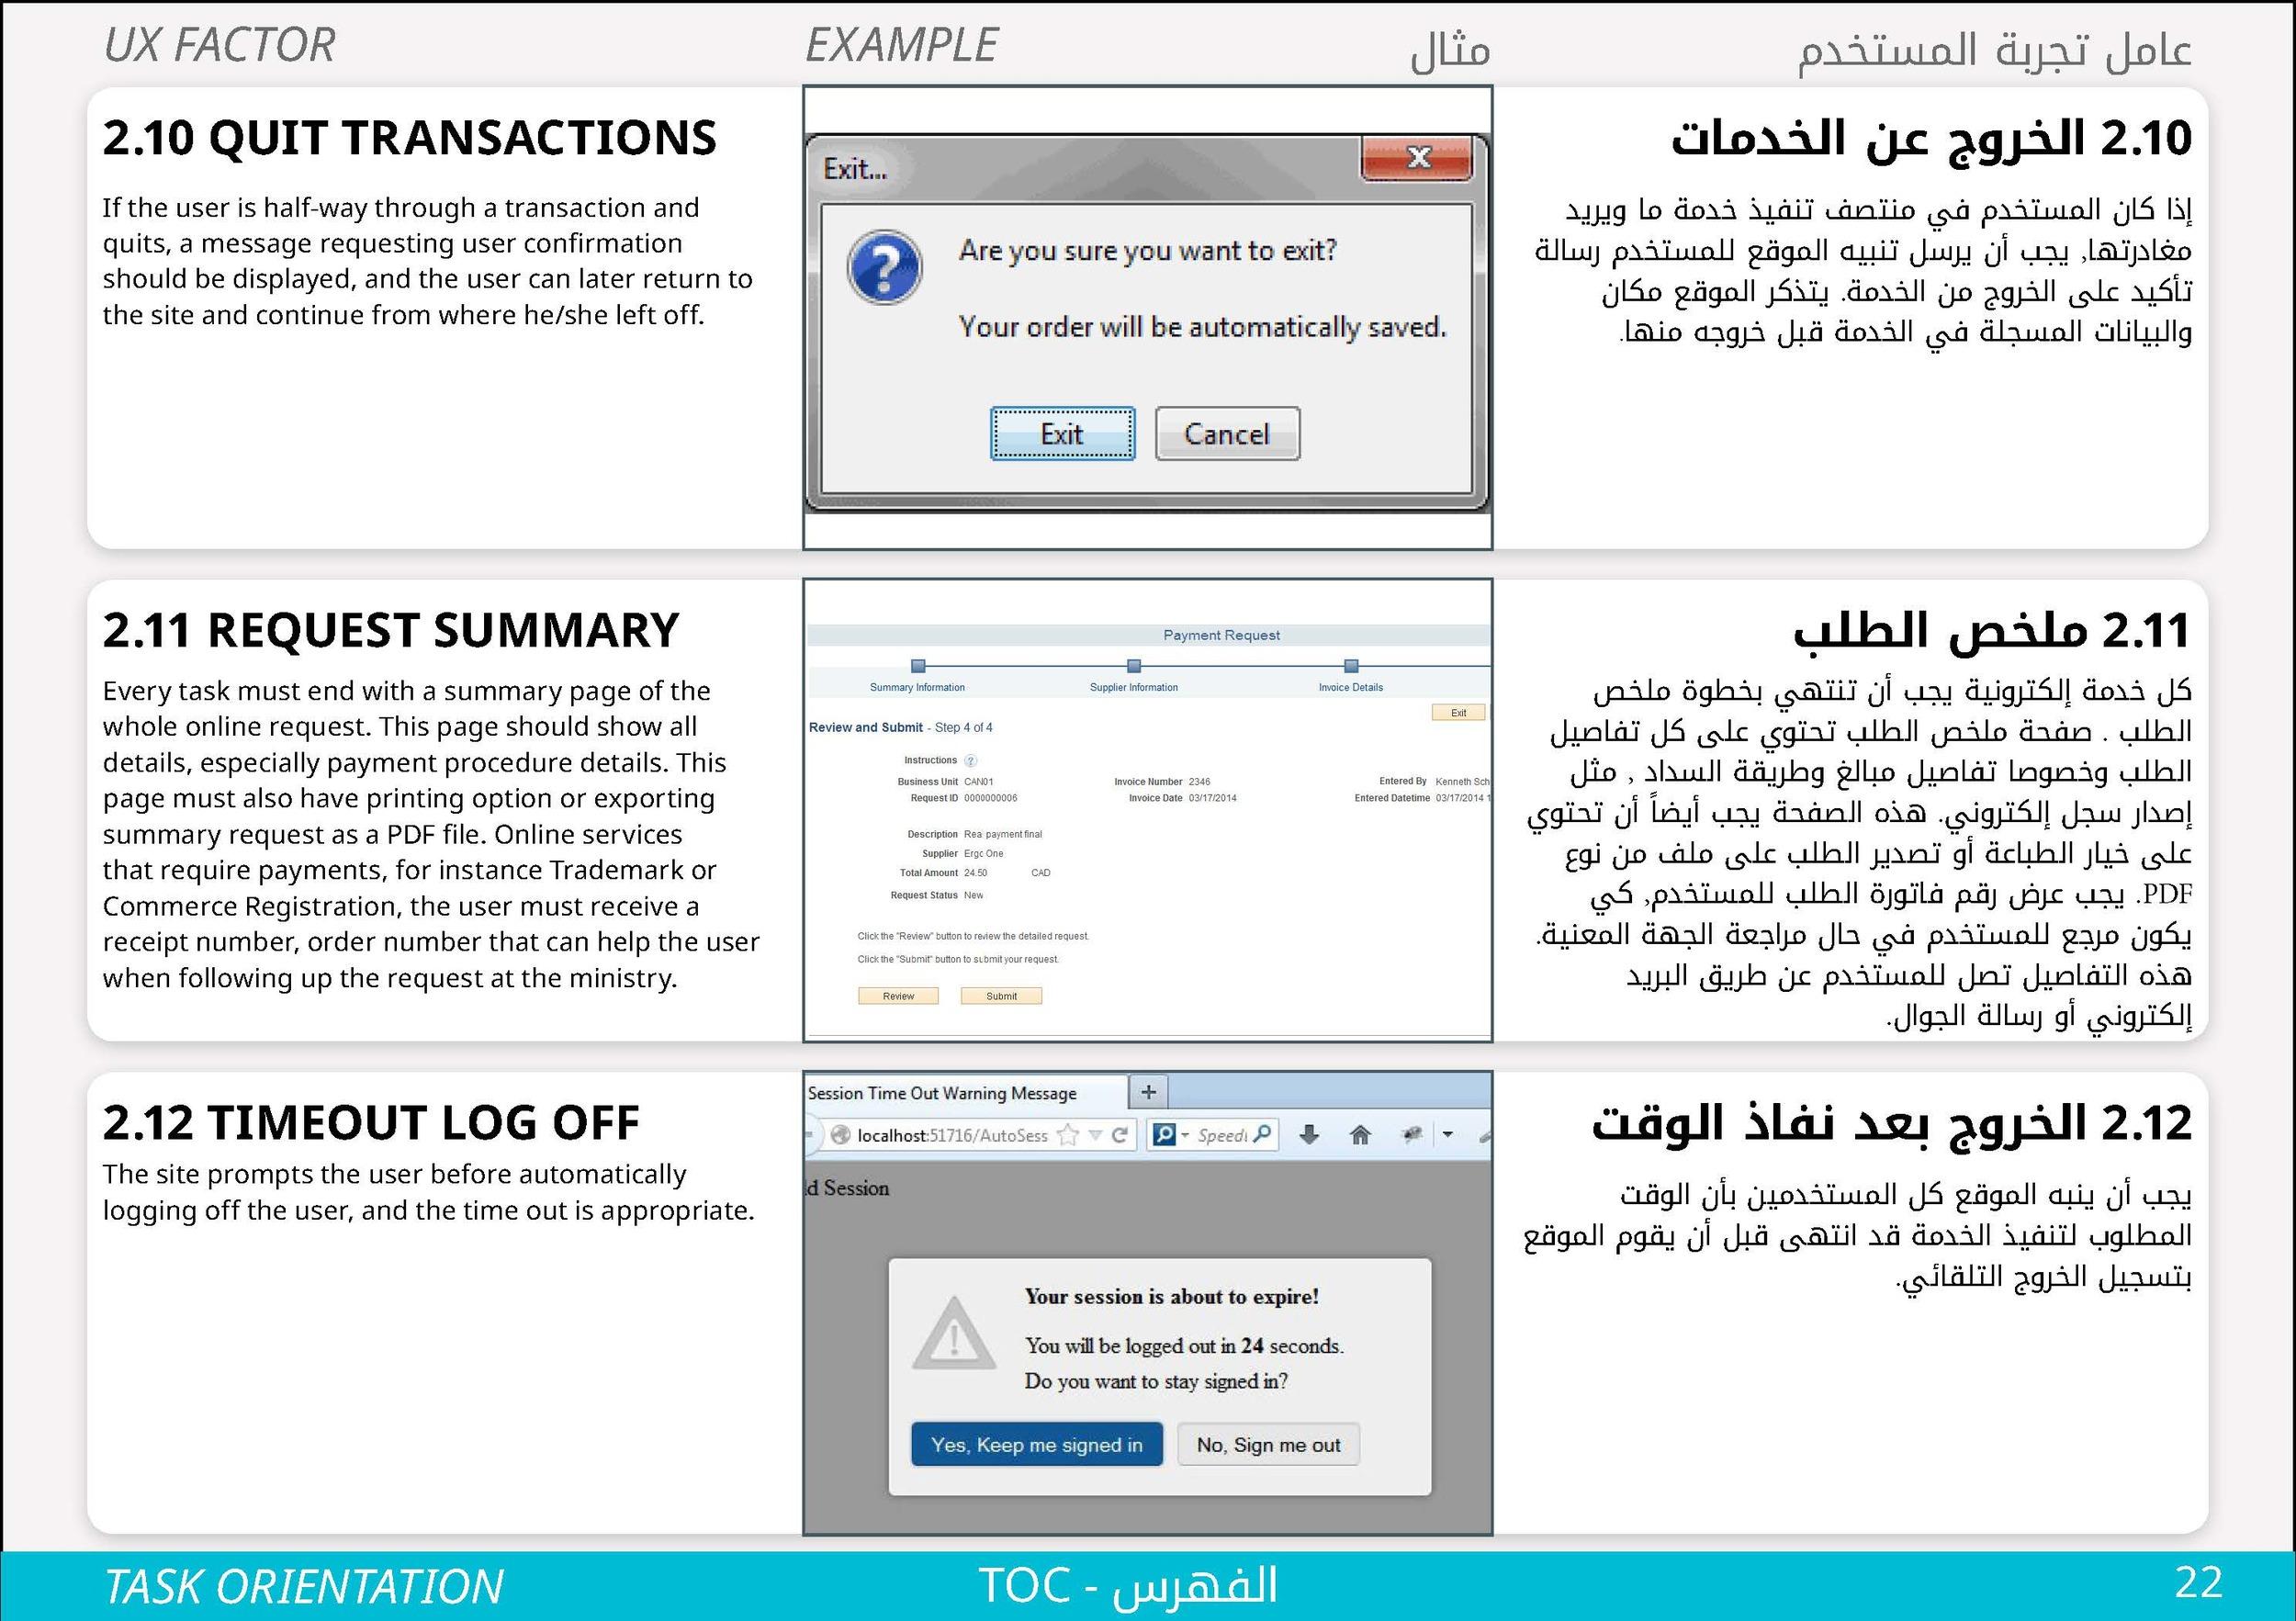 steps-UX-Guidelines - V1.0-6.jpg